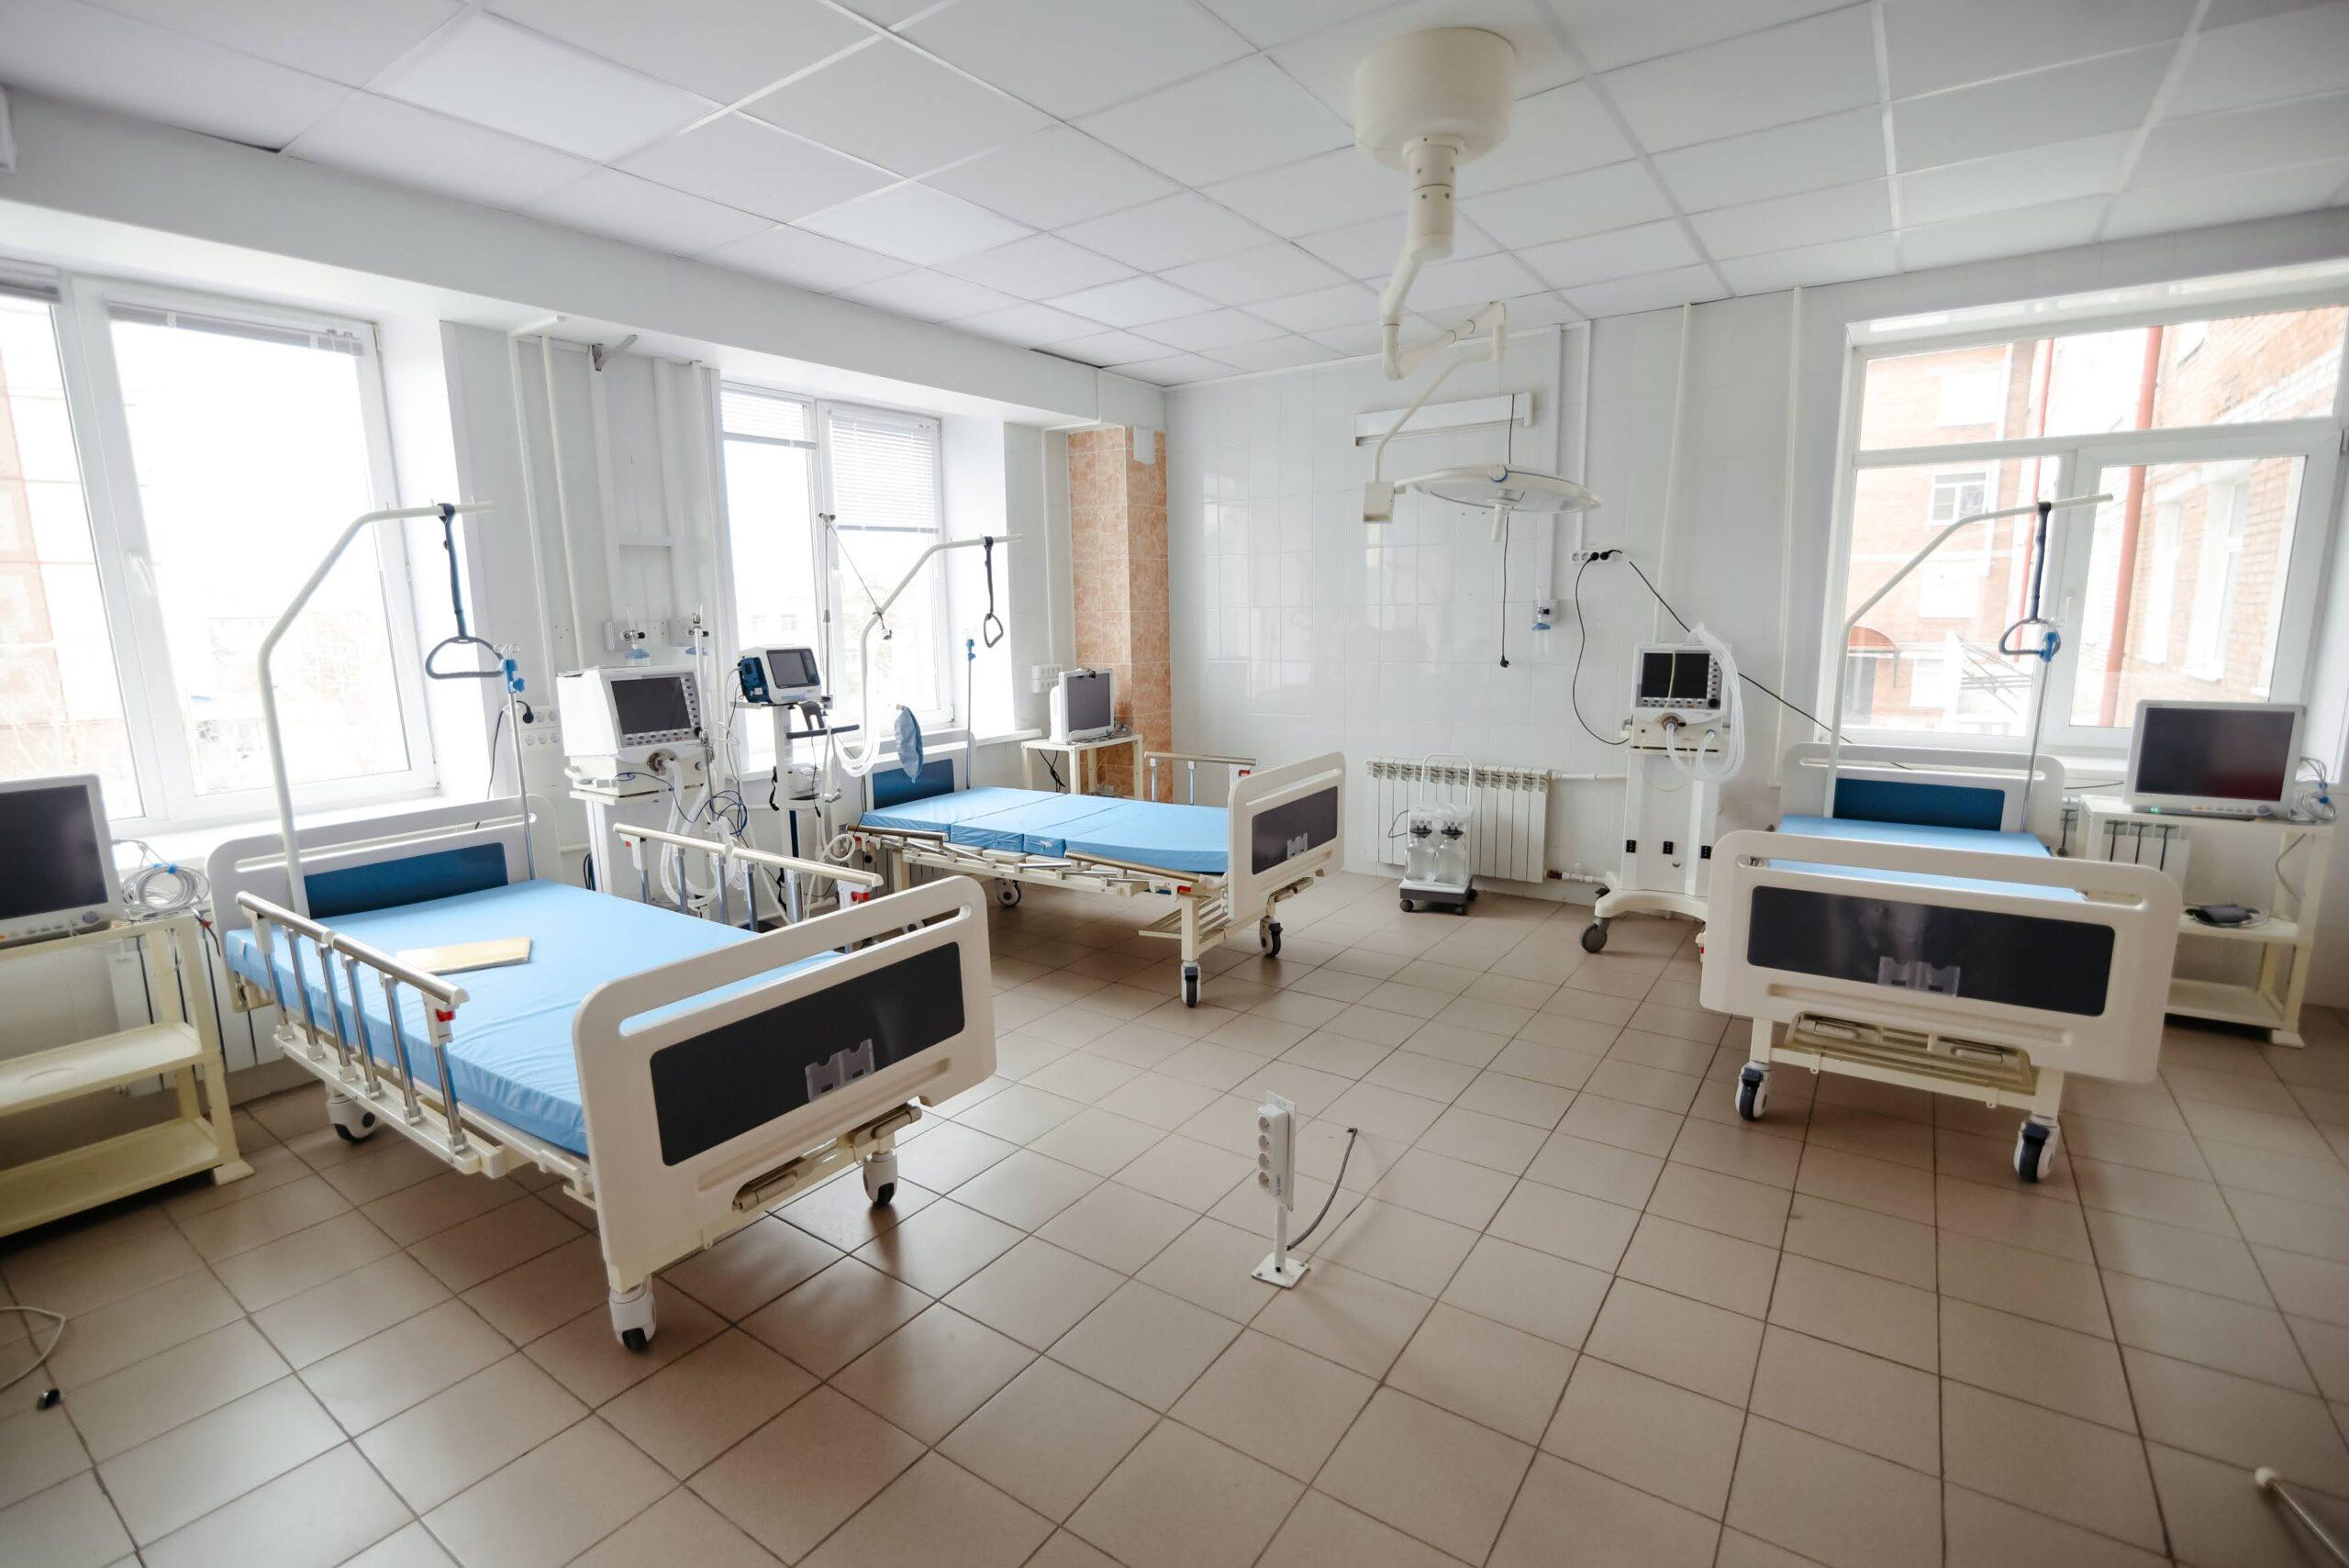 В Бурятии медработникам covid-госпиталей выдадут лекарства для профилактики коронавируса